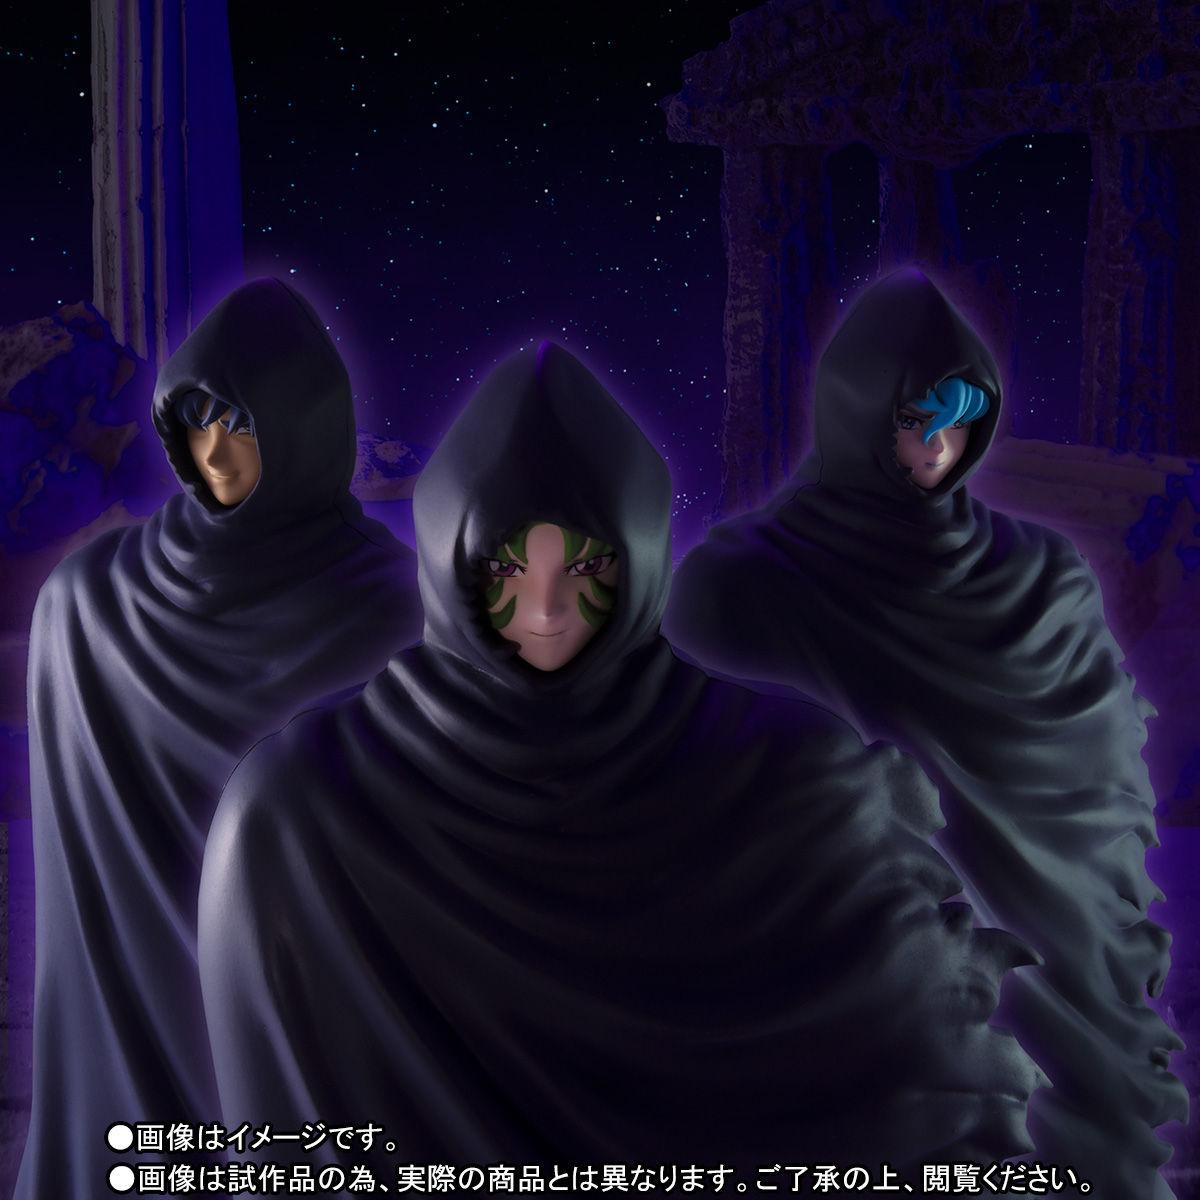 [Comentários] Set Manto Renegados EX! 2VI5d9Qe_o